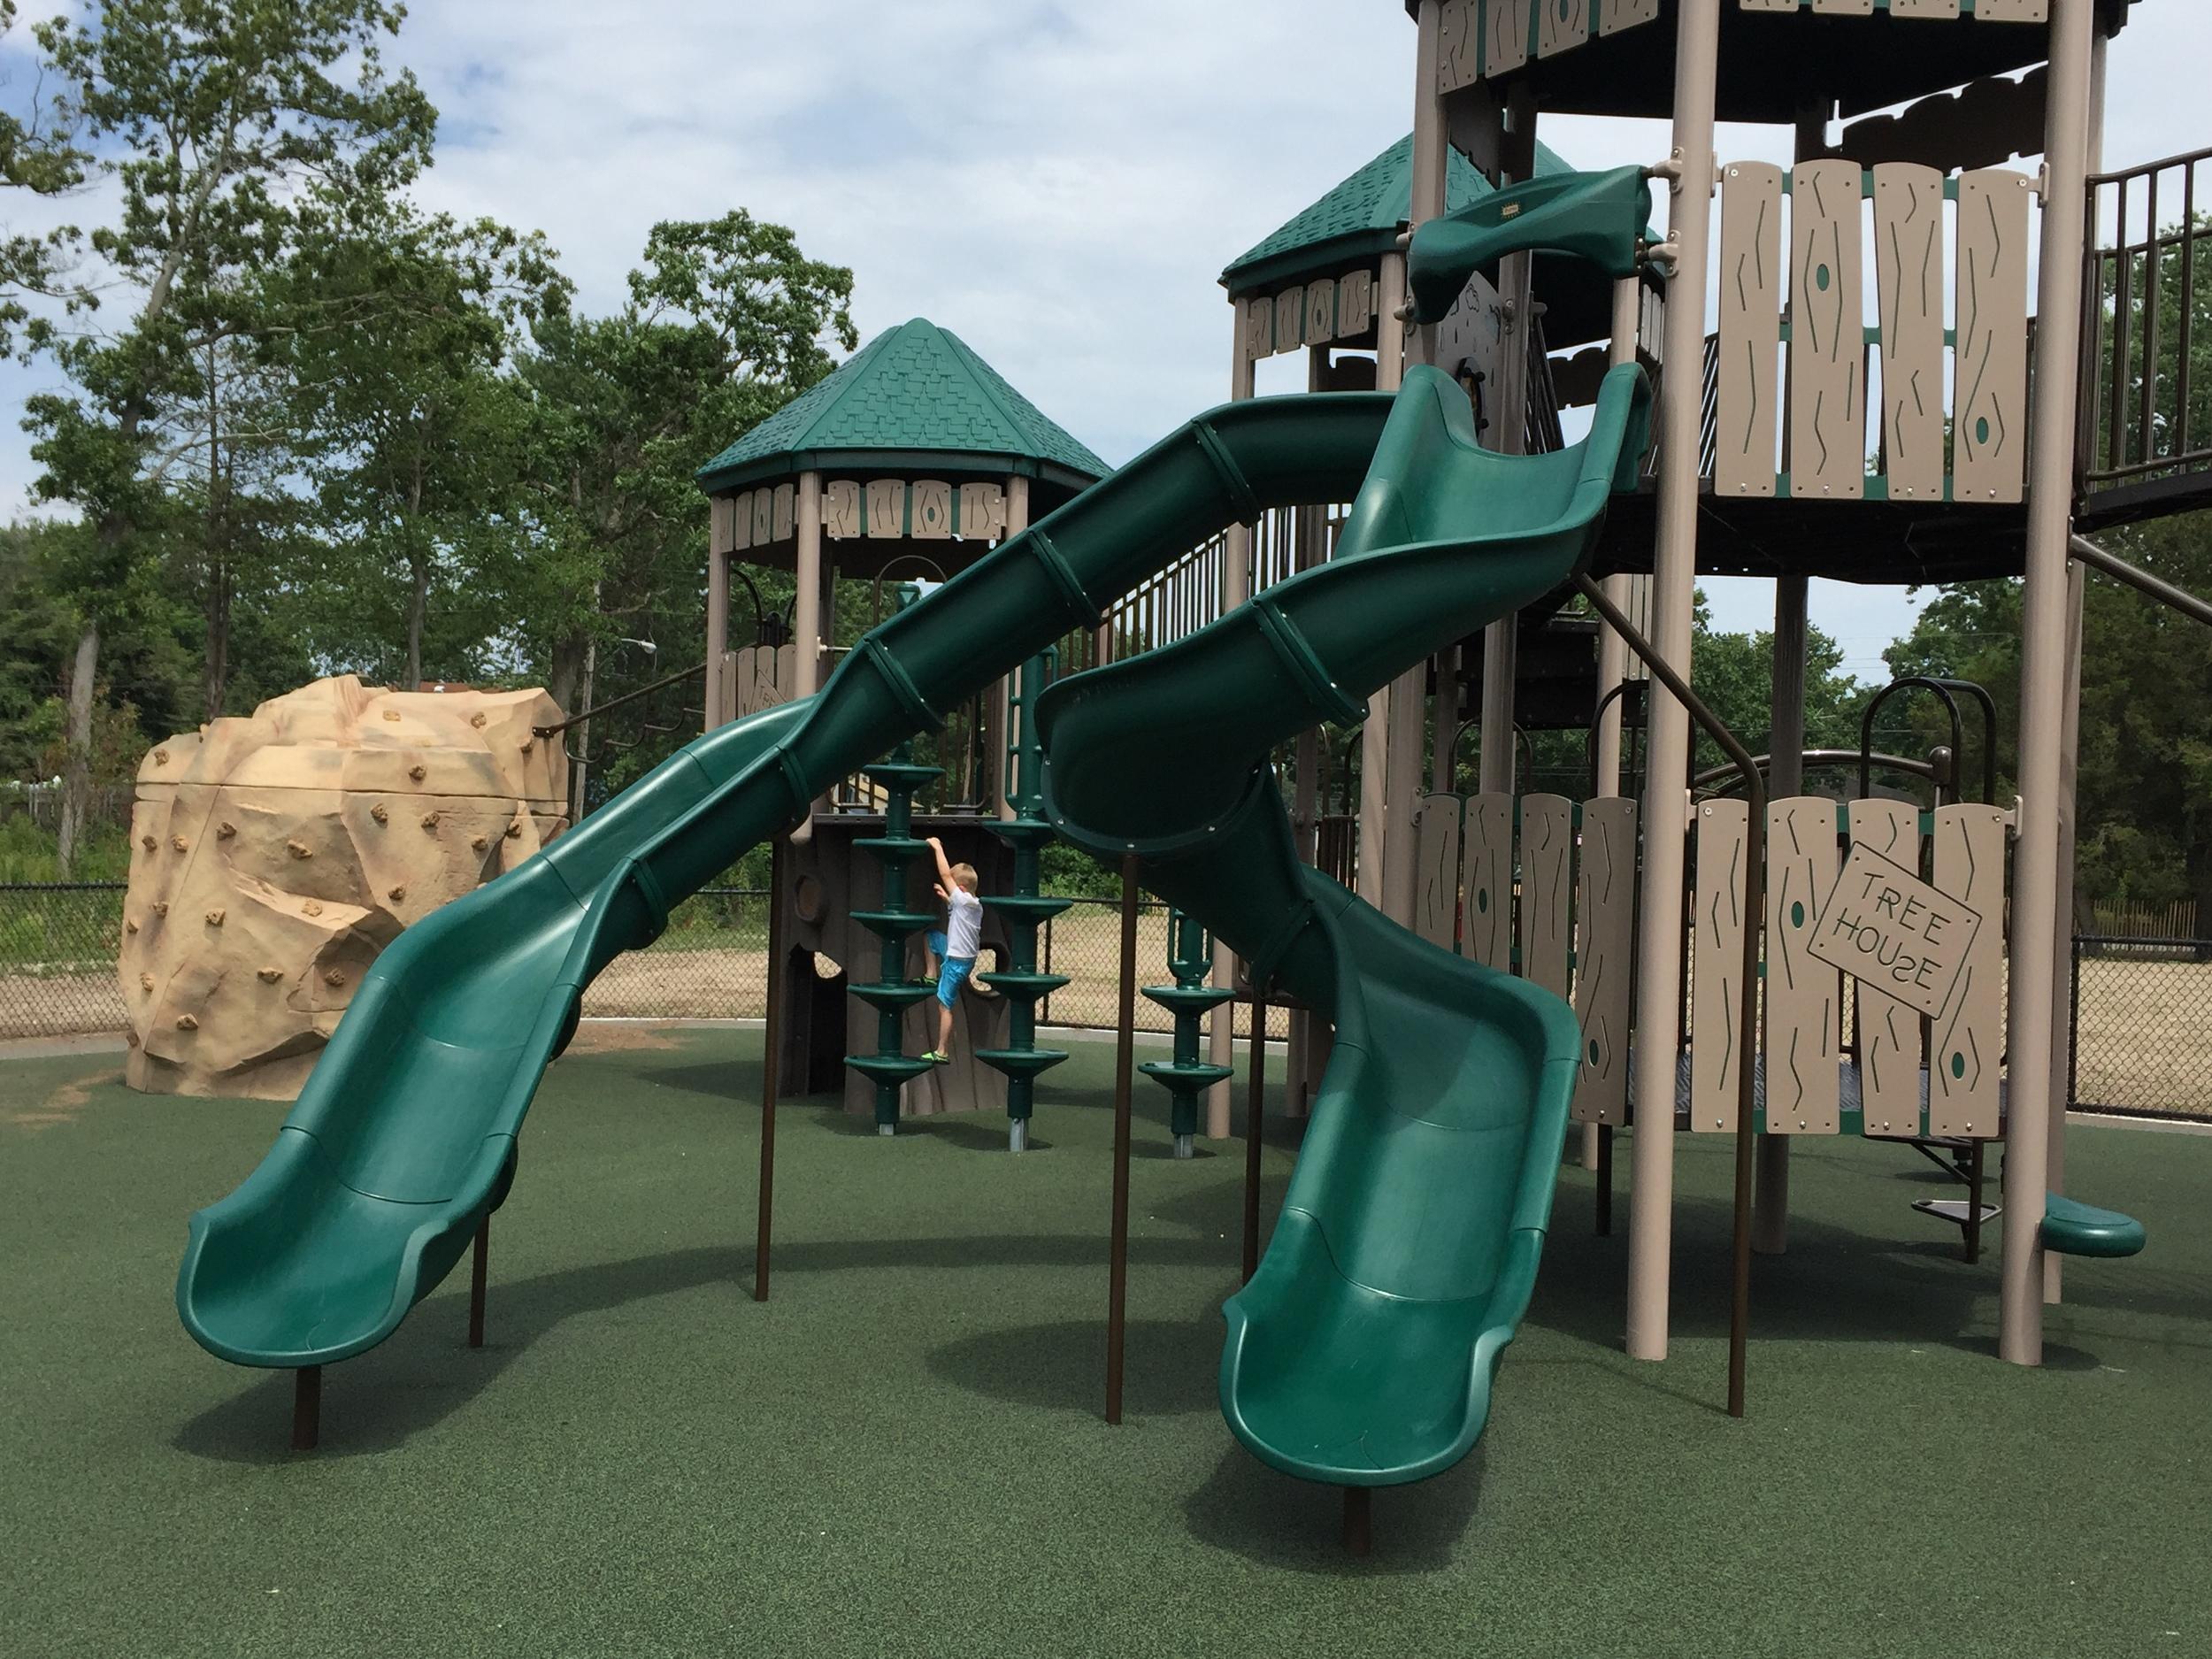 Slides at Geiger Memorial Park